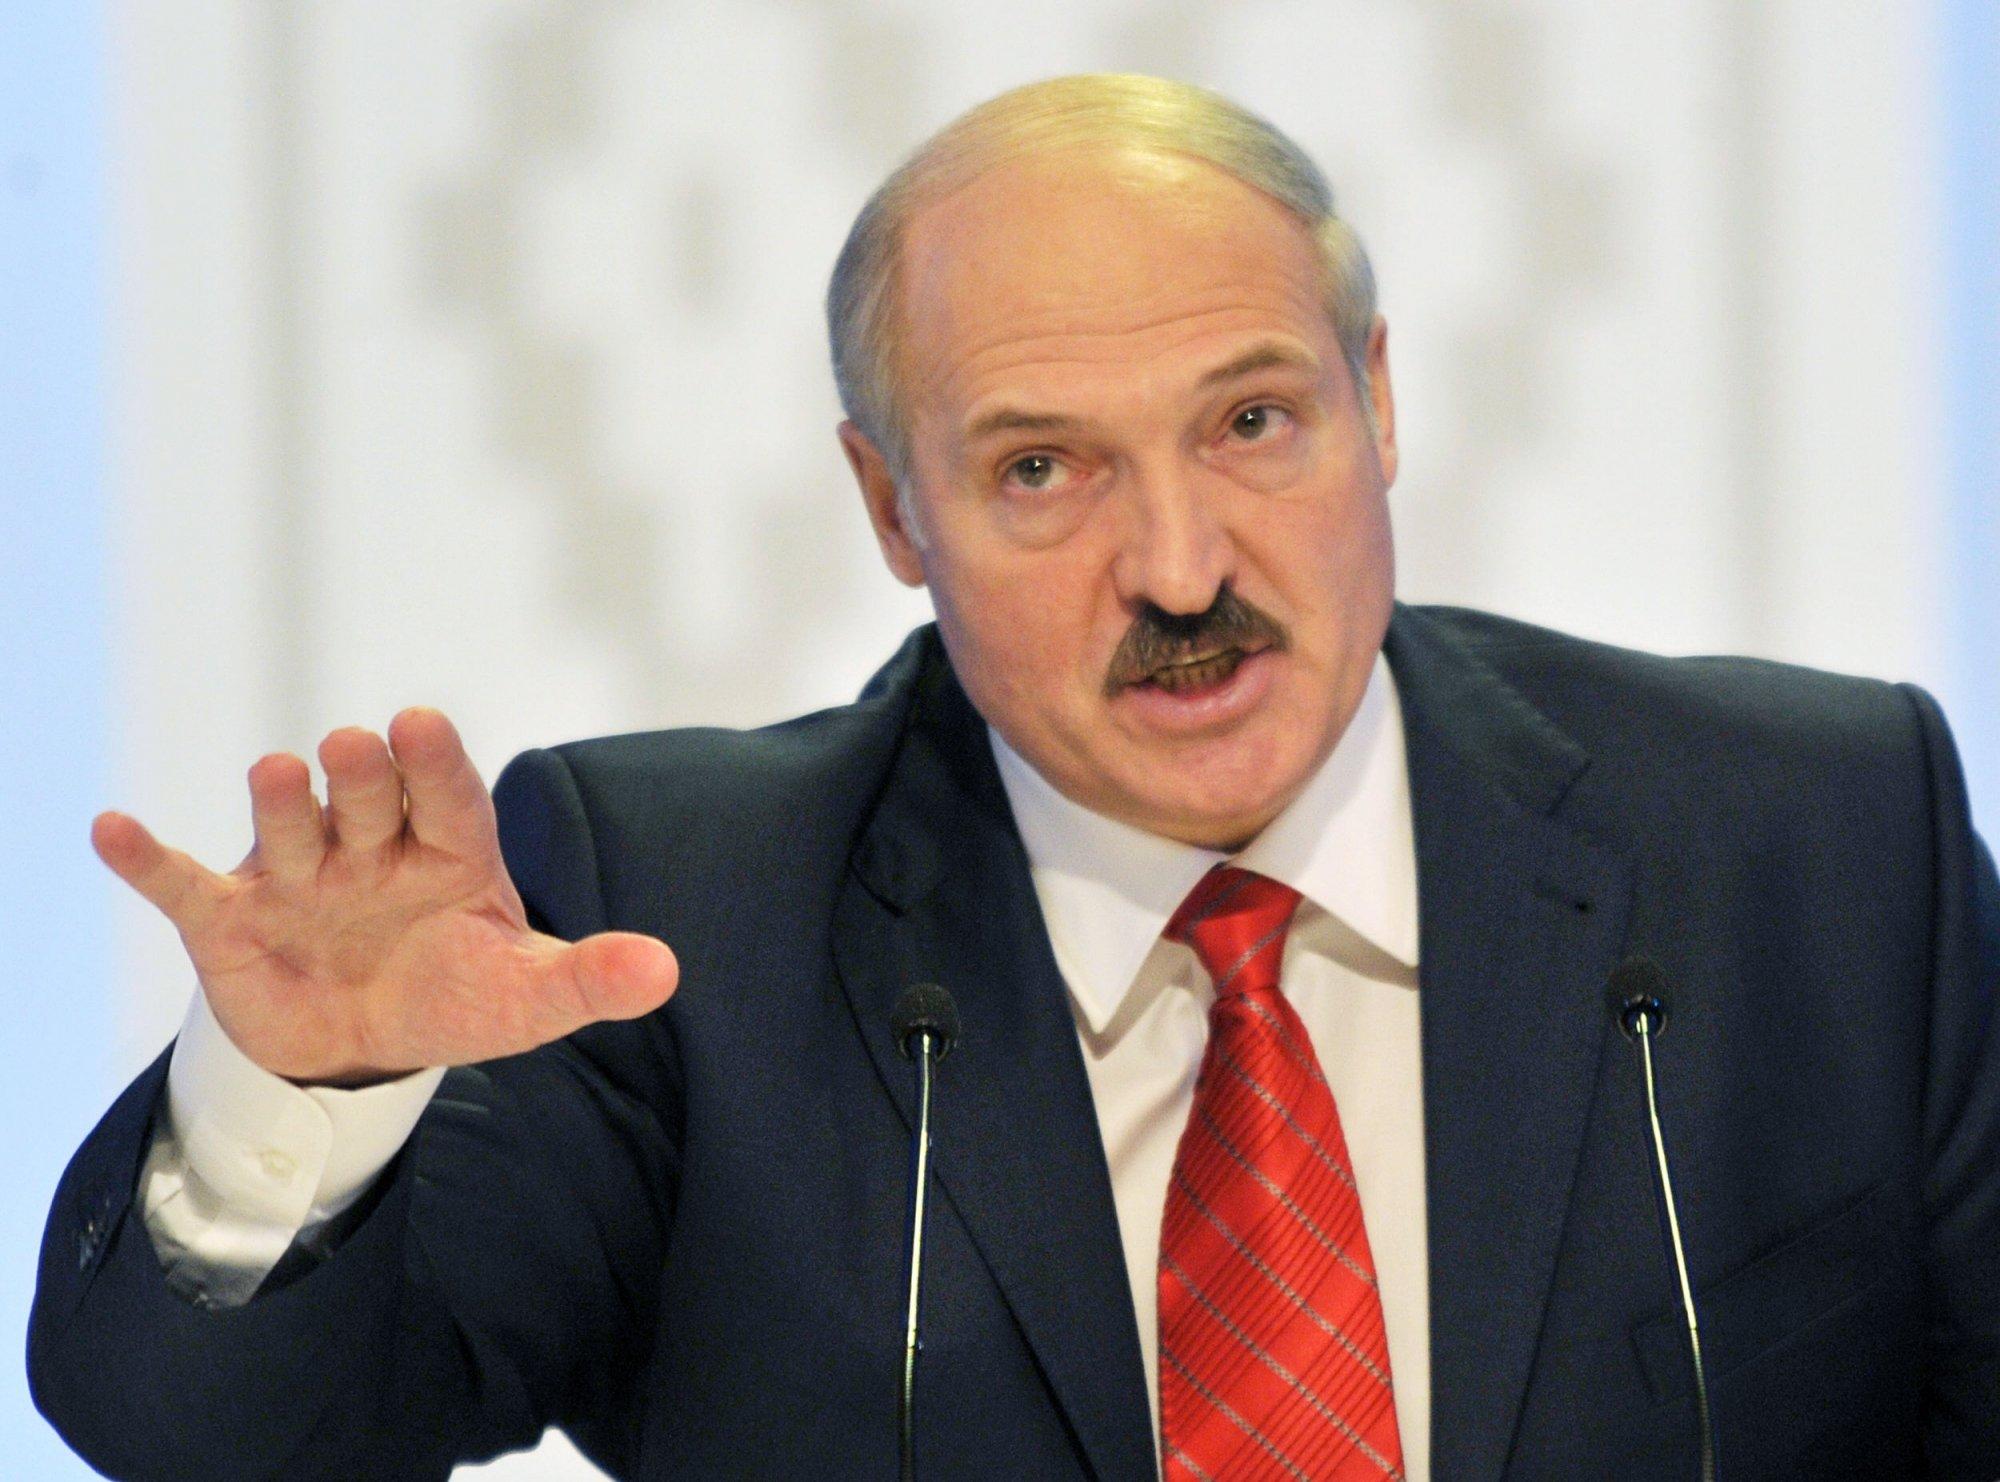 Александр Лукашенко: ''В российской колбасе соя и туалетная бумага'